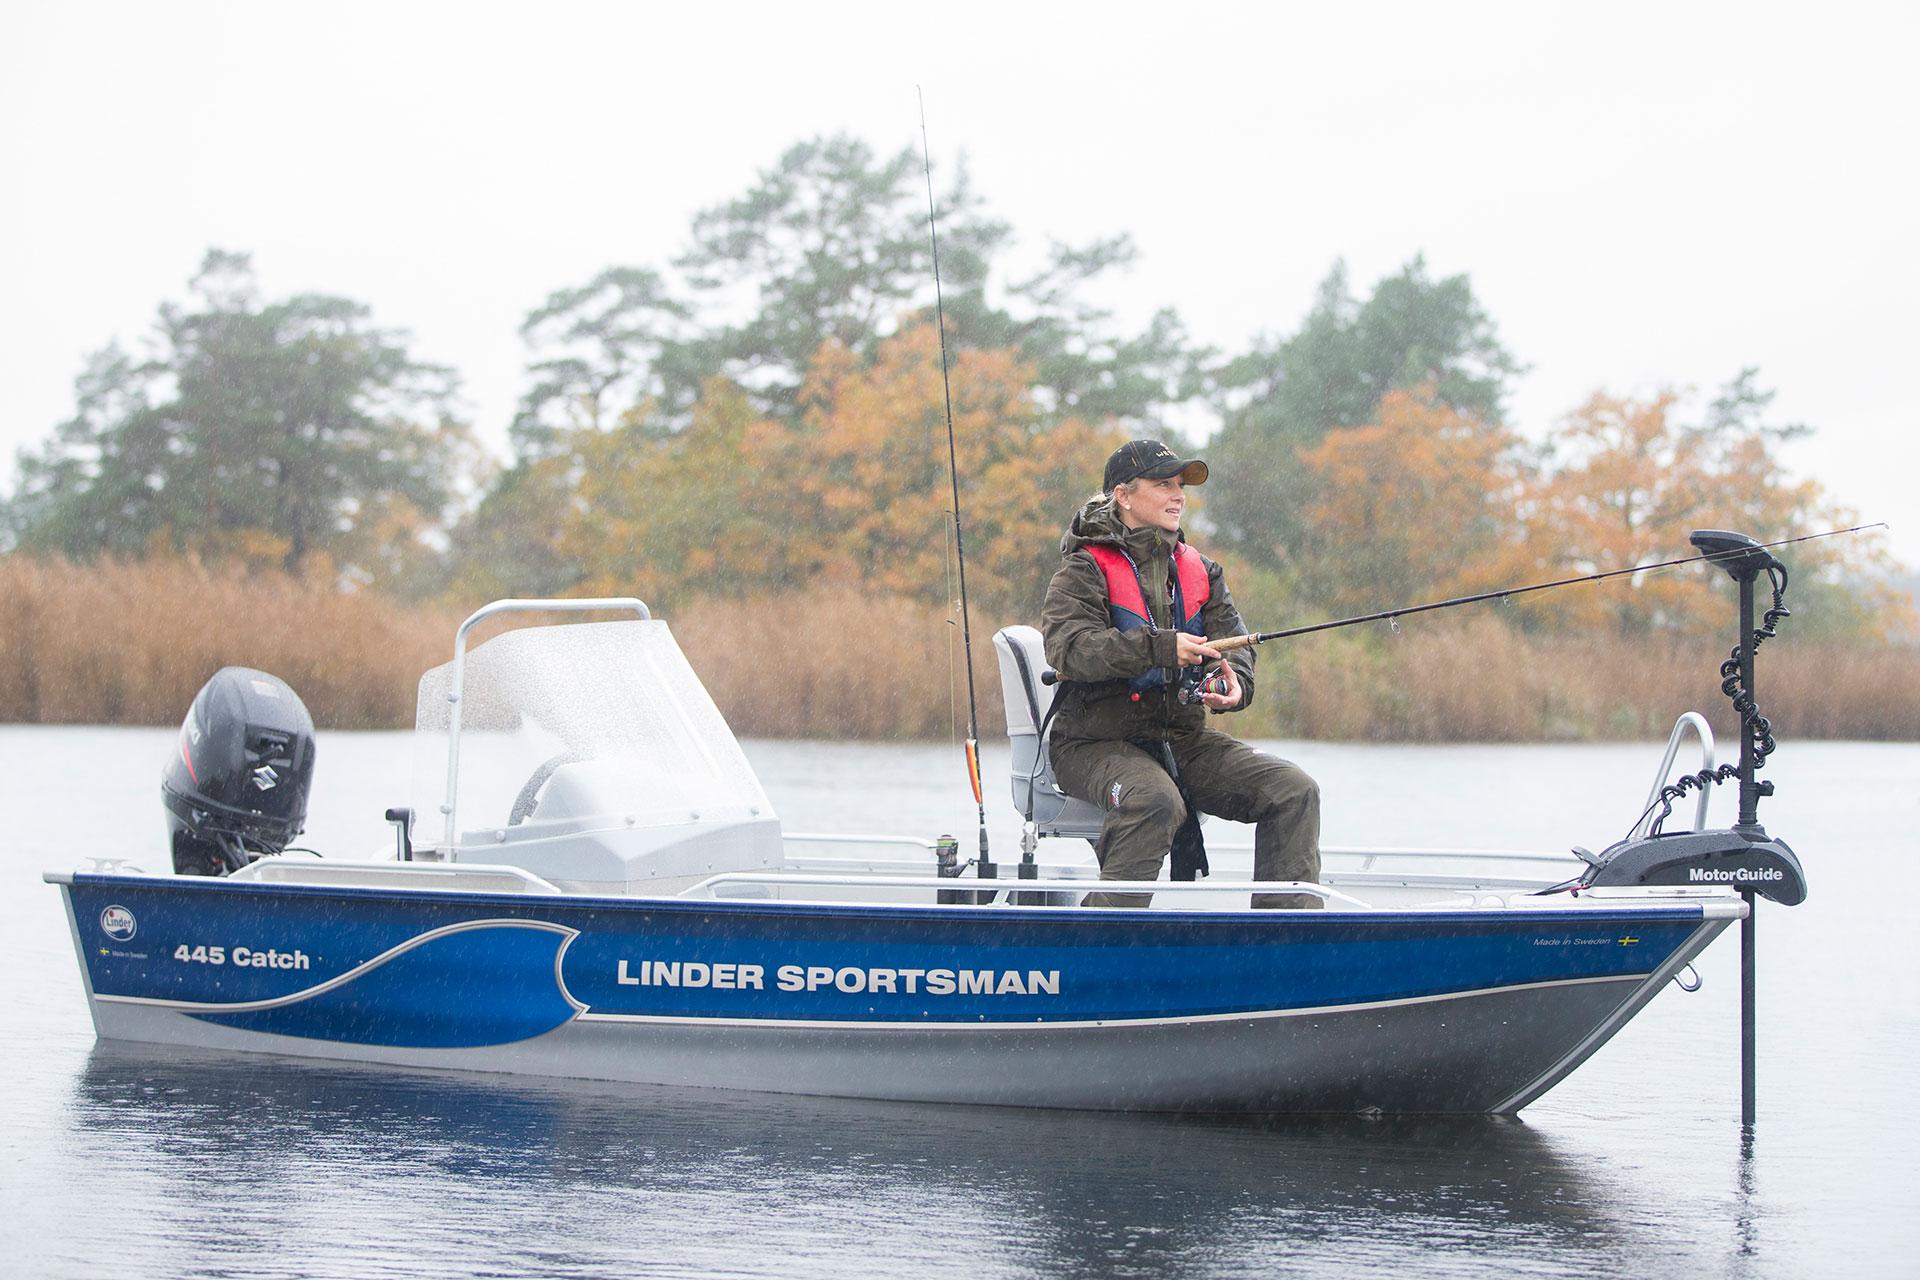 linder-sportsman445-aterforsaljare